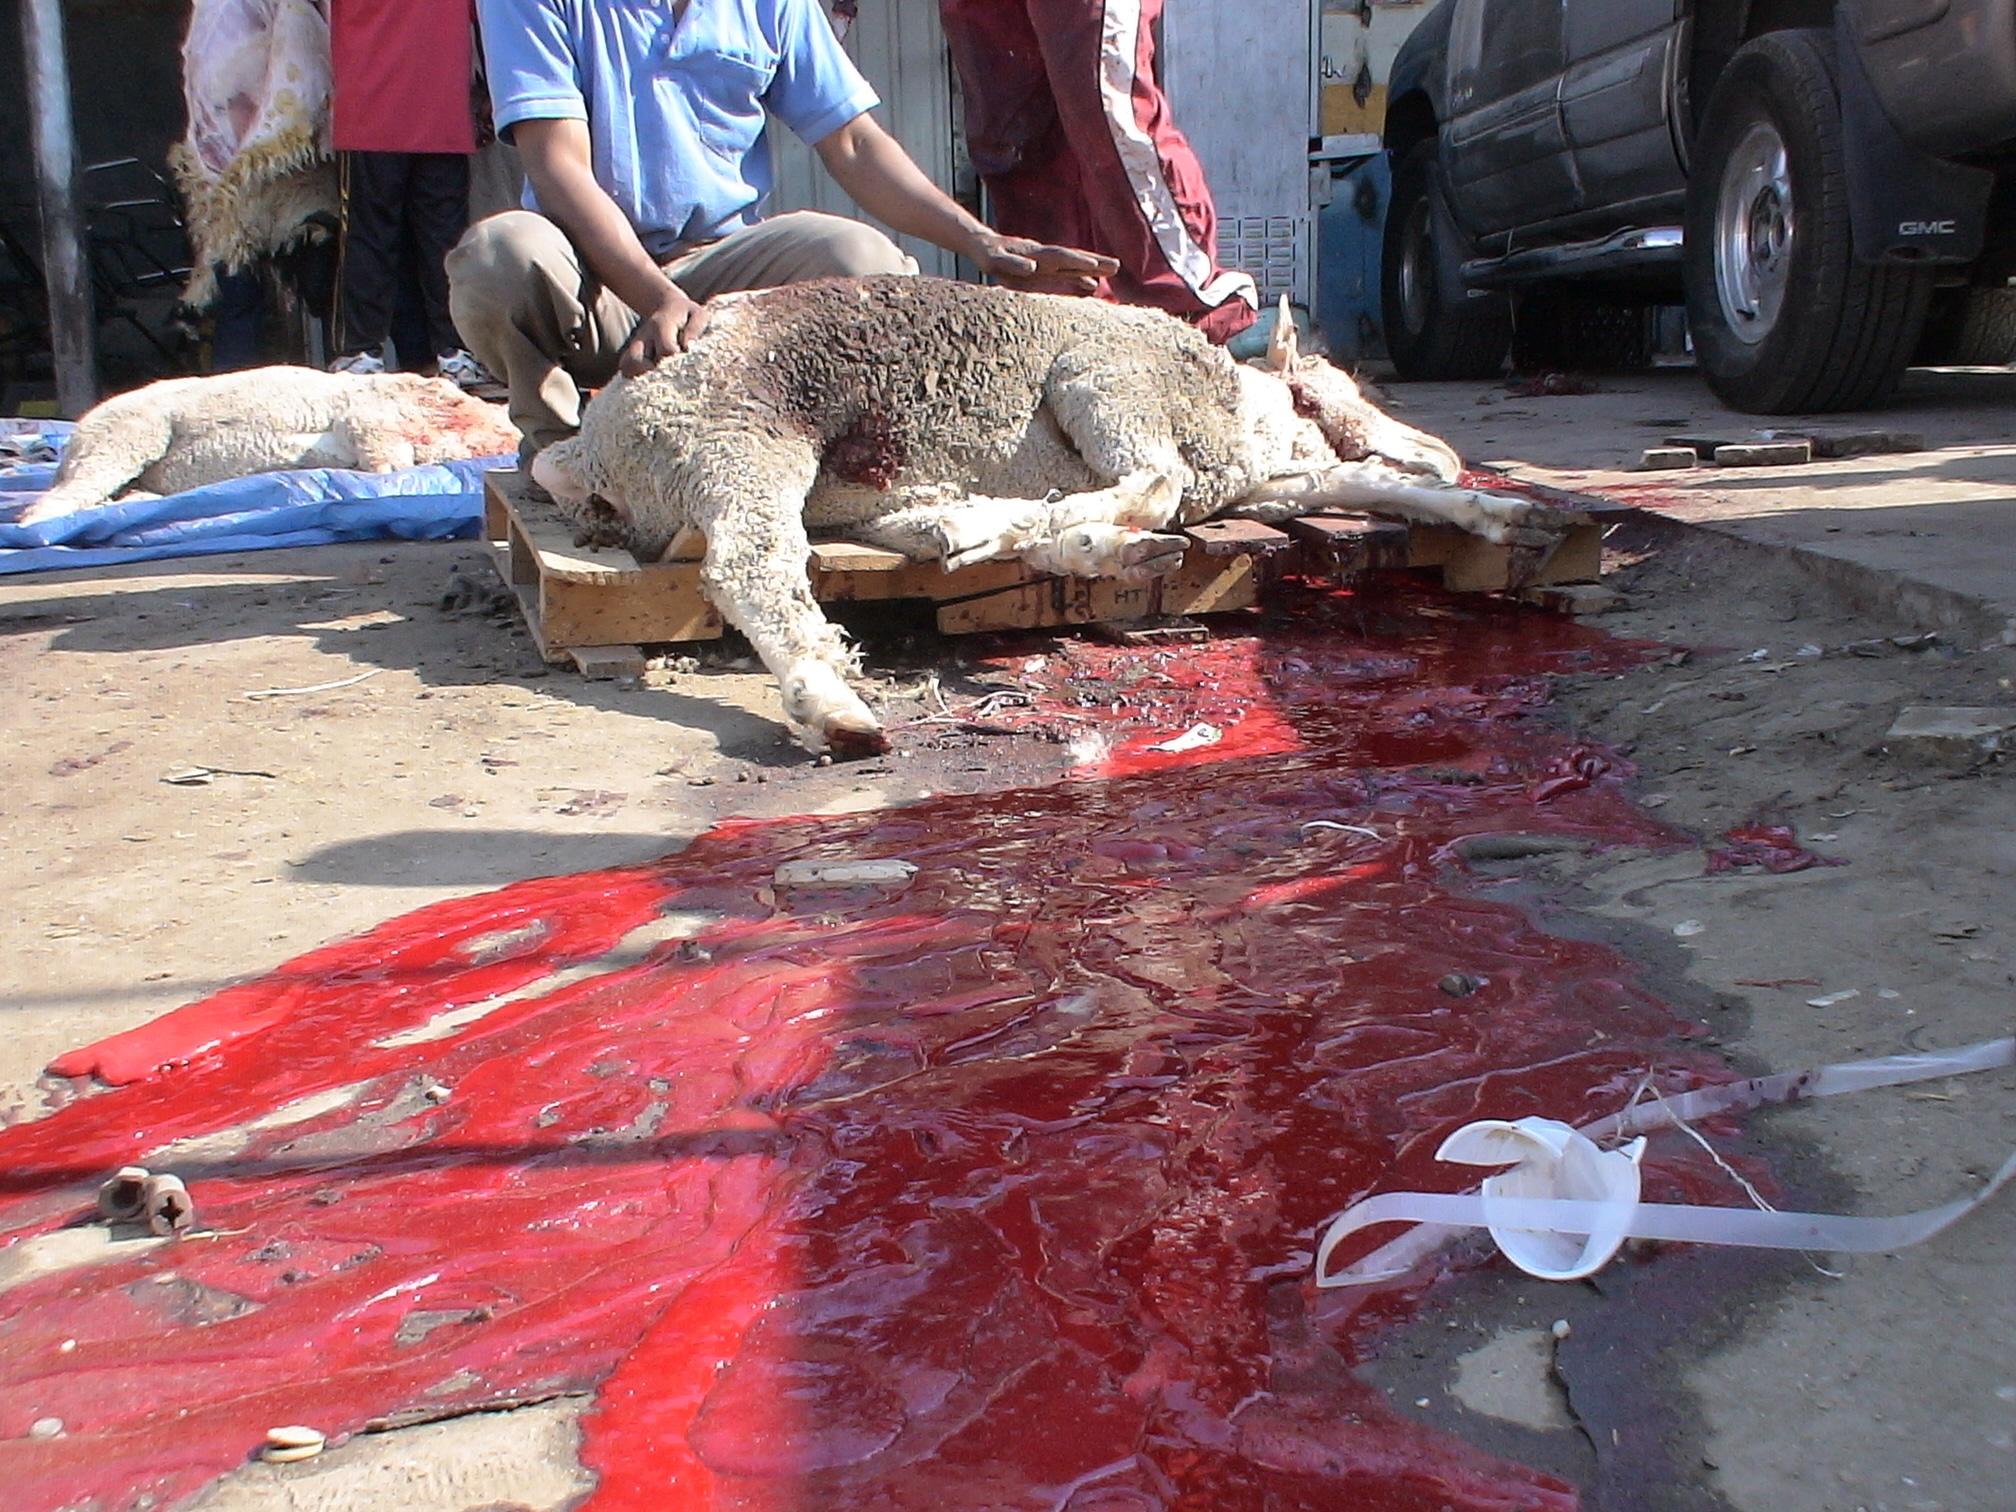 Festa del sacrificio: previsto lo sgozzamento in casa o in moschee abusive di almeno mezzo milione di animali <br> A fine luglio il barbaro rito sarà celebrato in Italia da 3 milioni di islamici